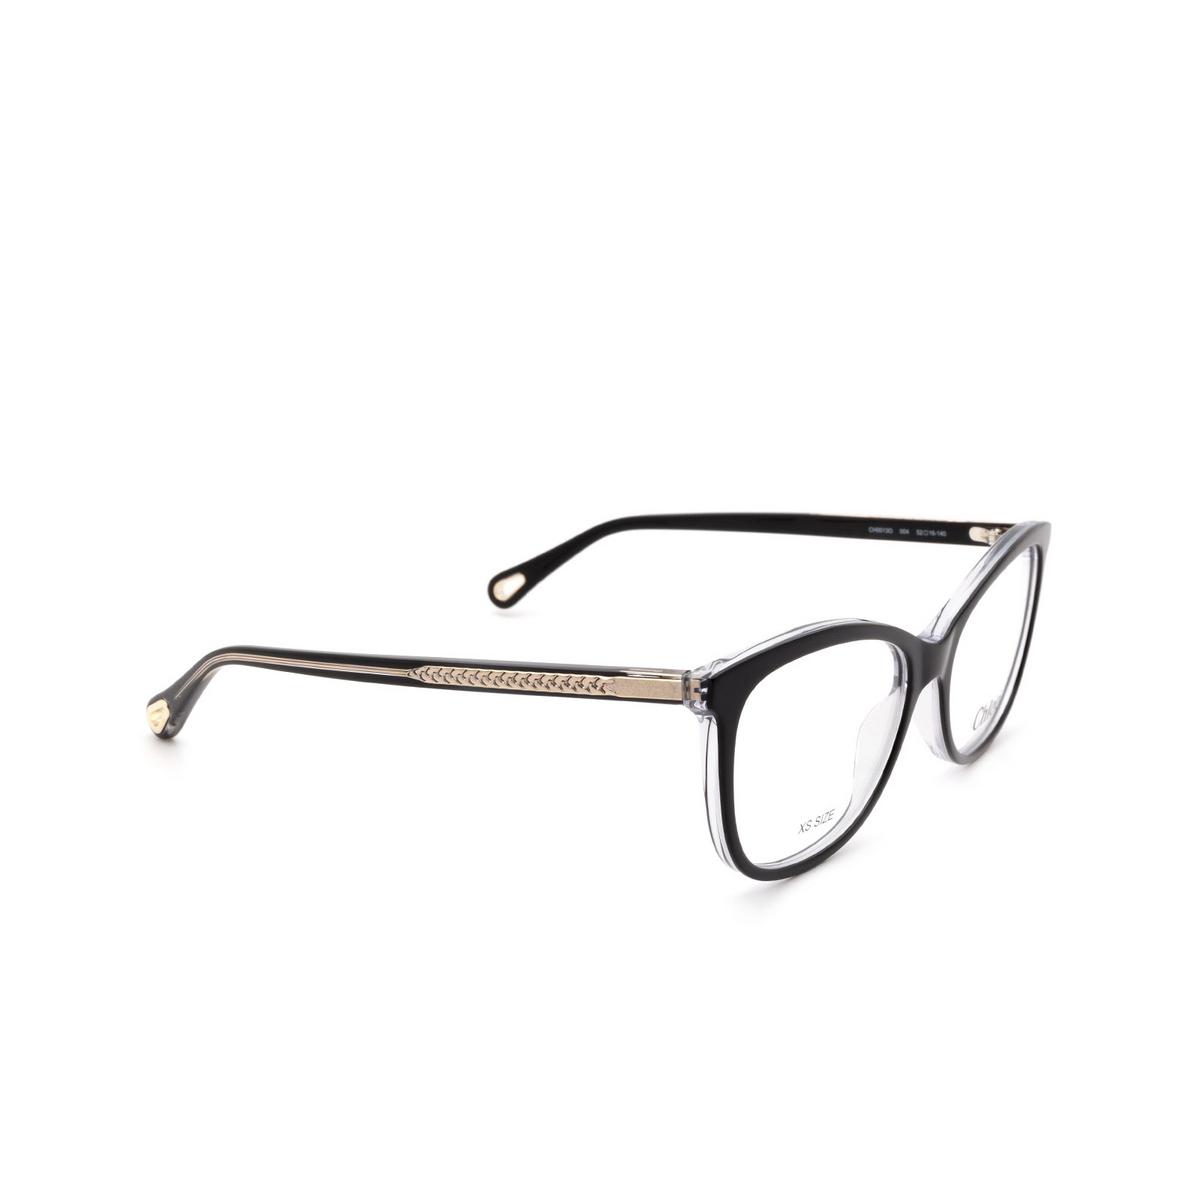 Chloé® Rectangle Eyeglasses: CH0013O color Black 004 - three-quarters view.